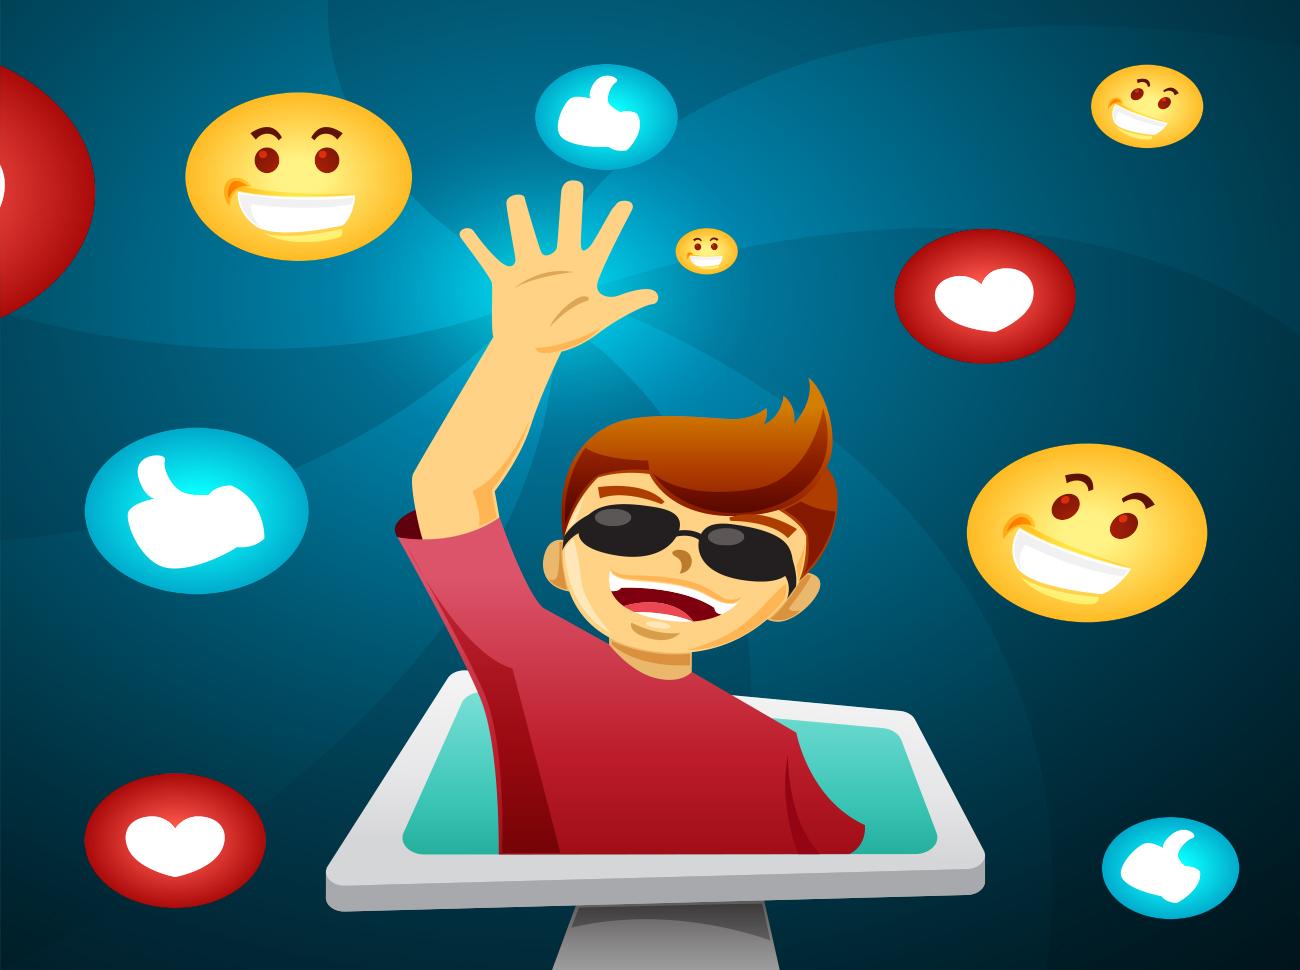 Yeni Medyanın Yeni Kanaat Önderleri: Sosyal Medya Fenomenleri ve Influencer Marketing